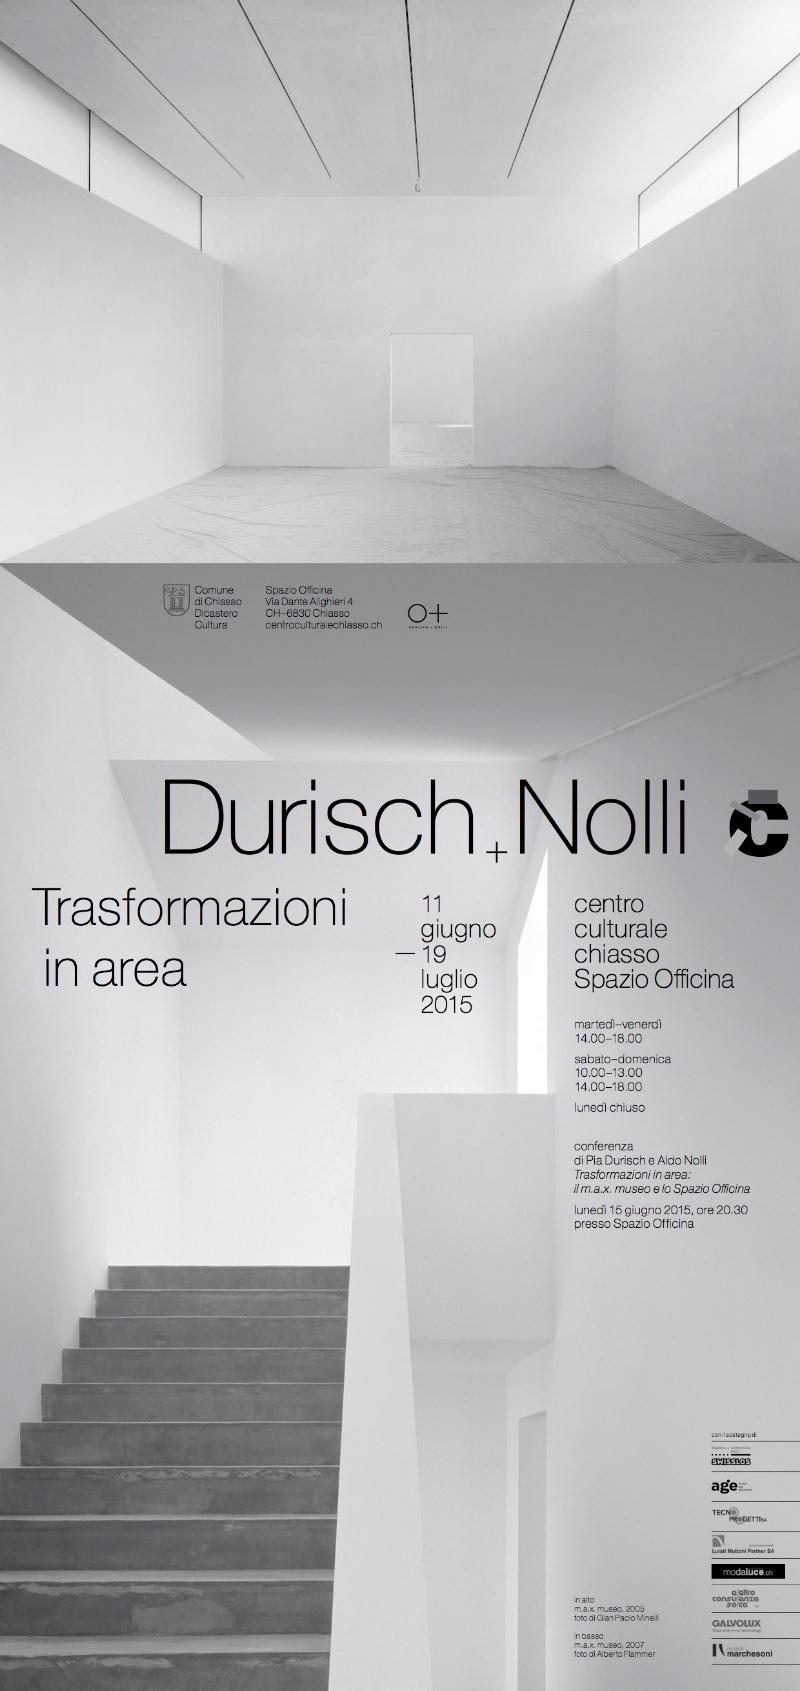 locandina Durisch + Nolli Chiasso imagecredits centroculturalechiasso.ch